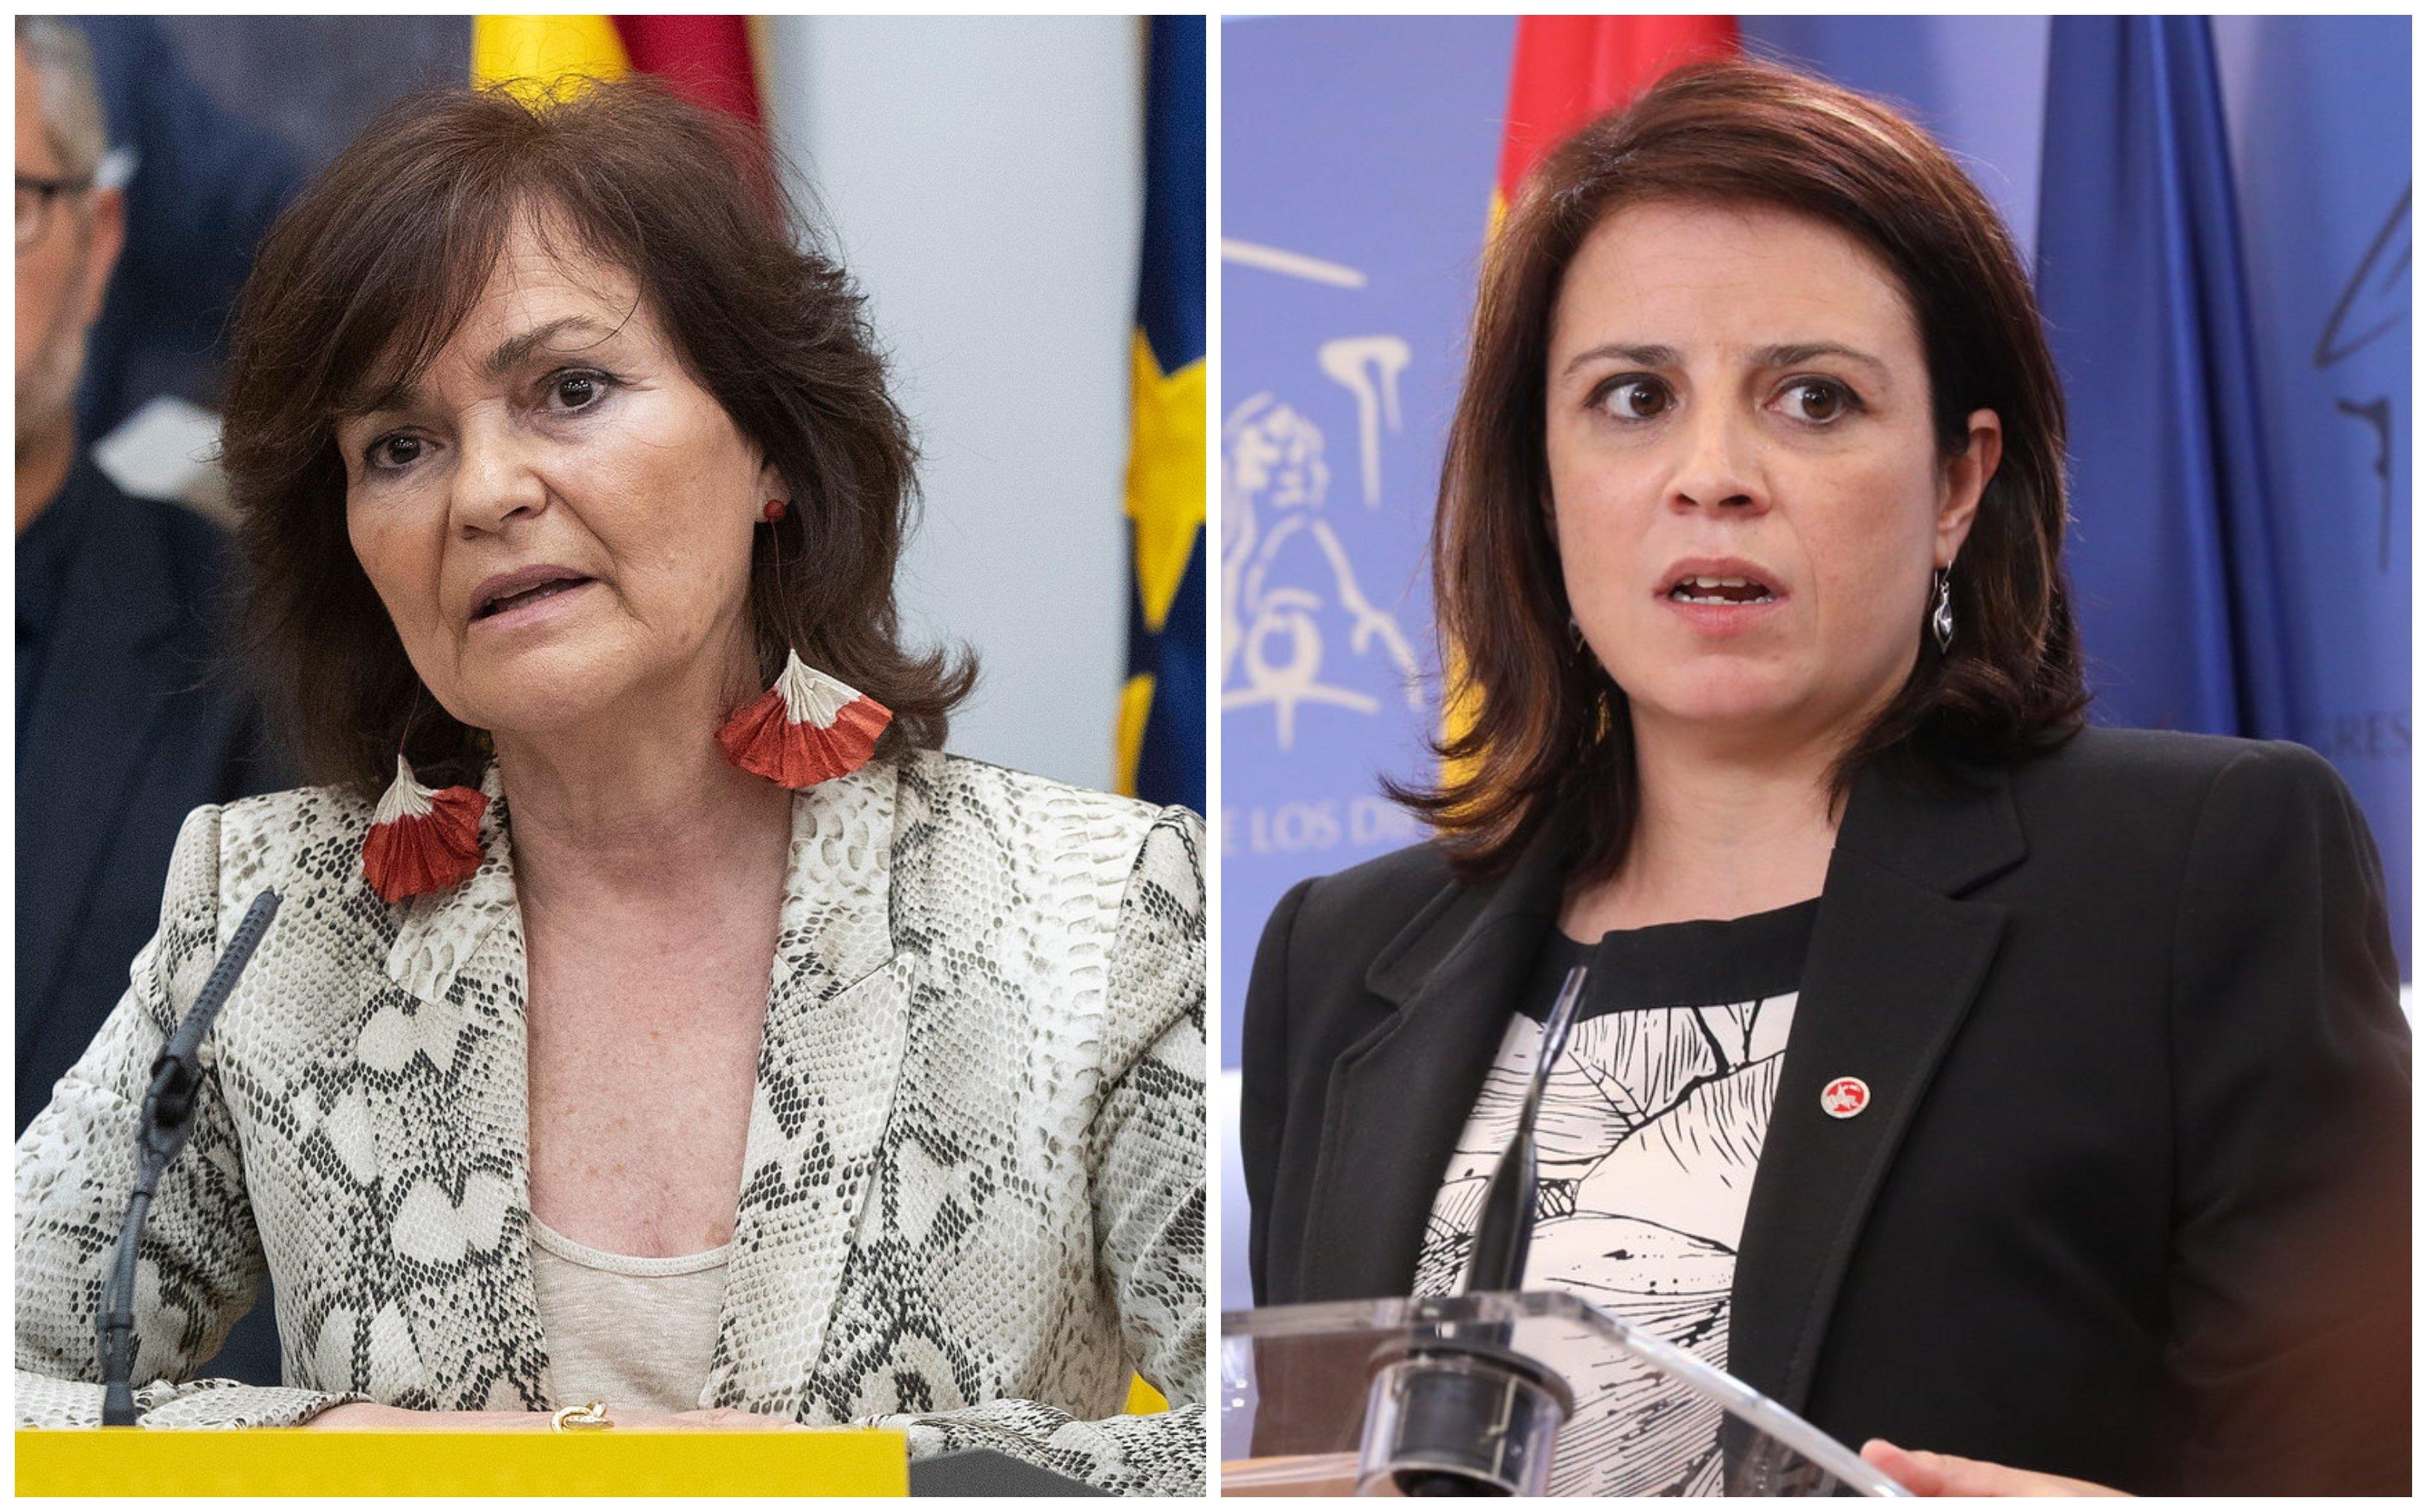 La vicepresidenta del Gobierno, Carmen Calvo y la vicepresidenta del PSOE, Adriana Lastra